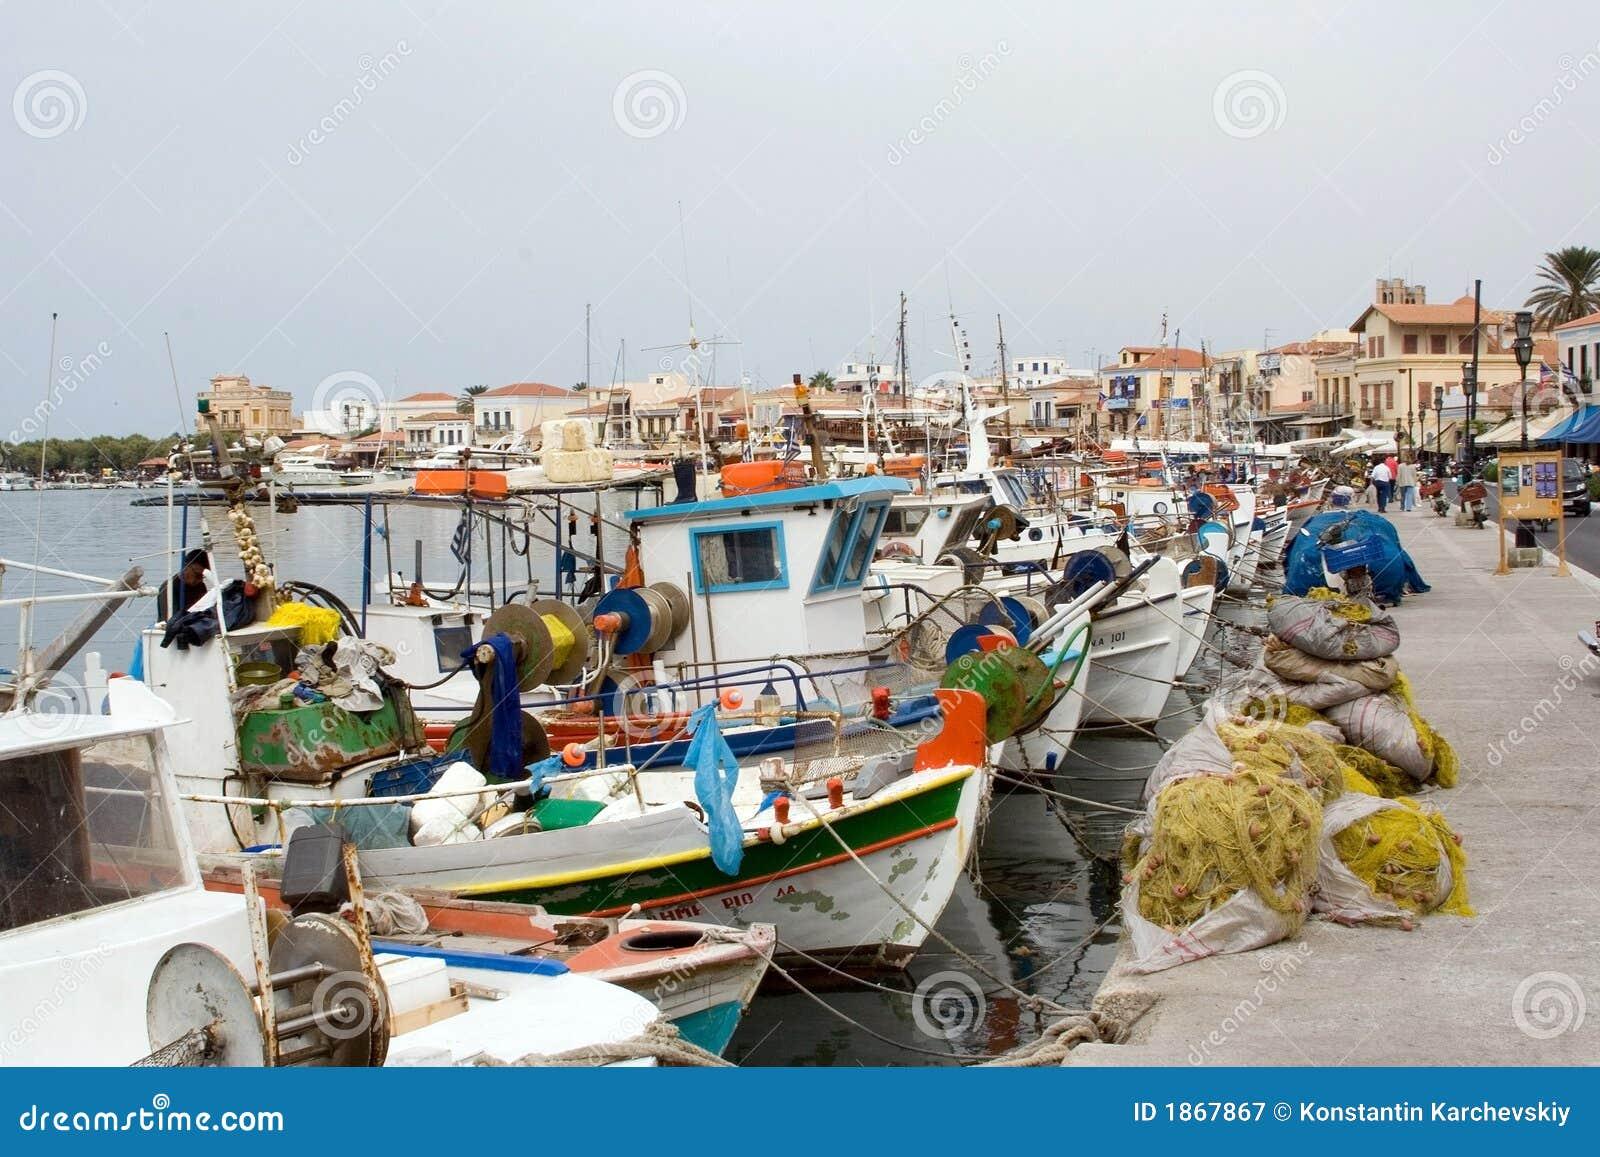 Picturesque greek port aegina island